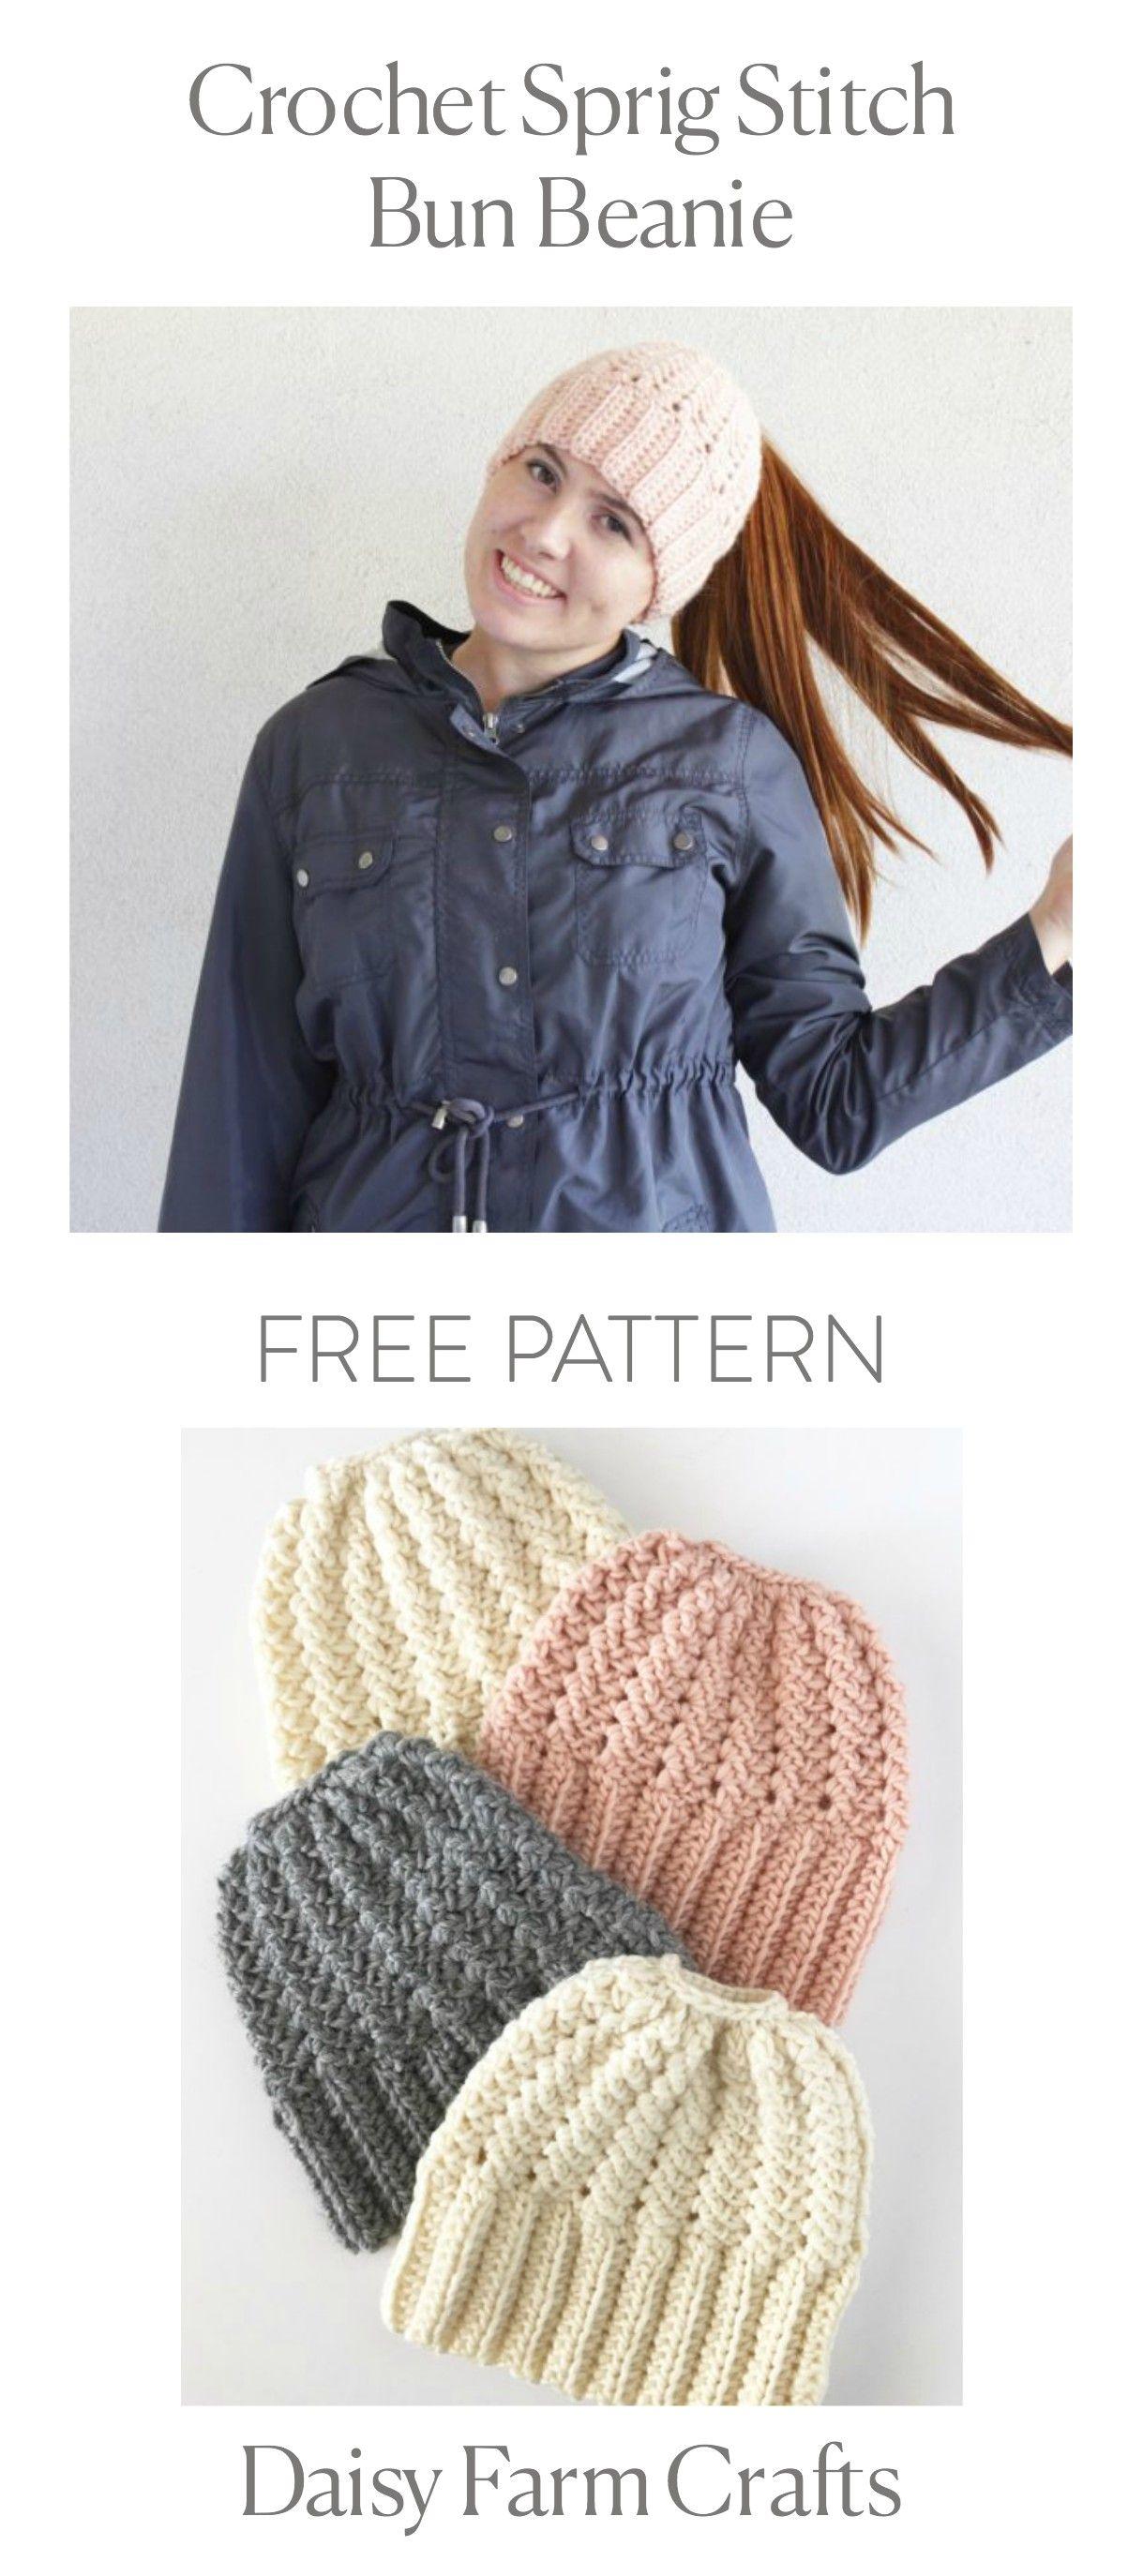 FREE PATTERN - Crochet Sprig Stitch Bun Beanie | Quilting / Crochet ...